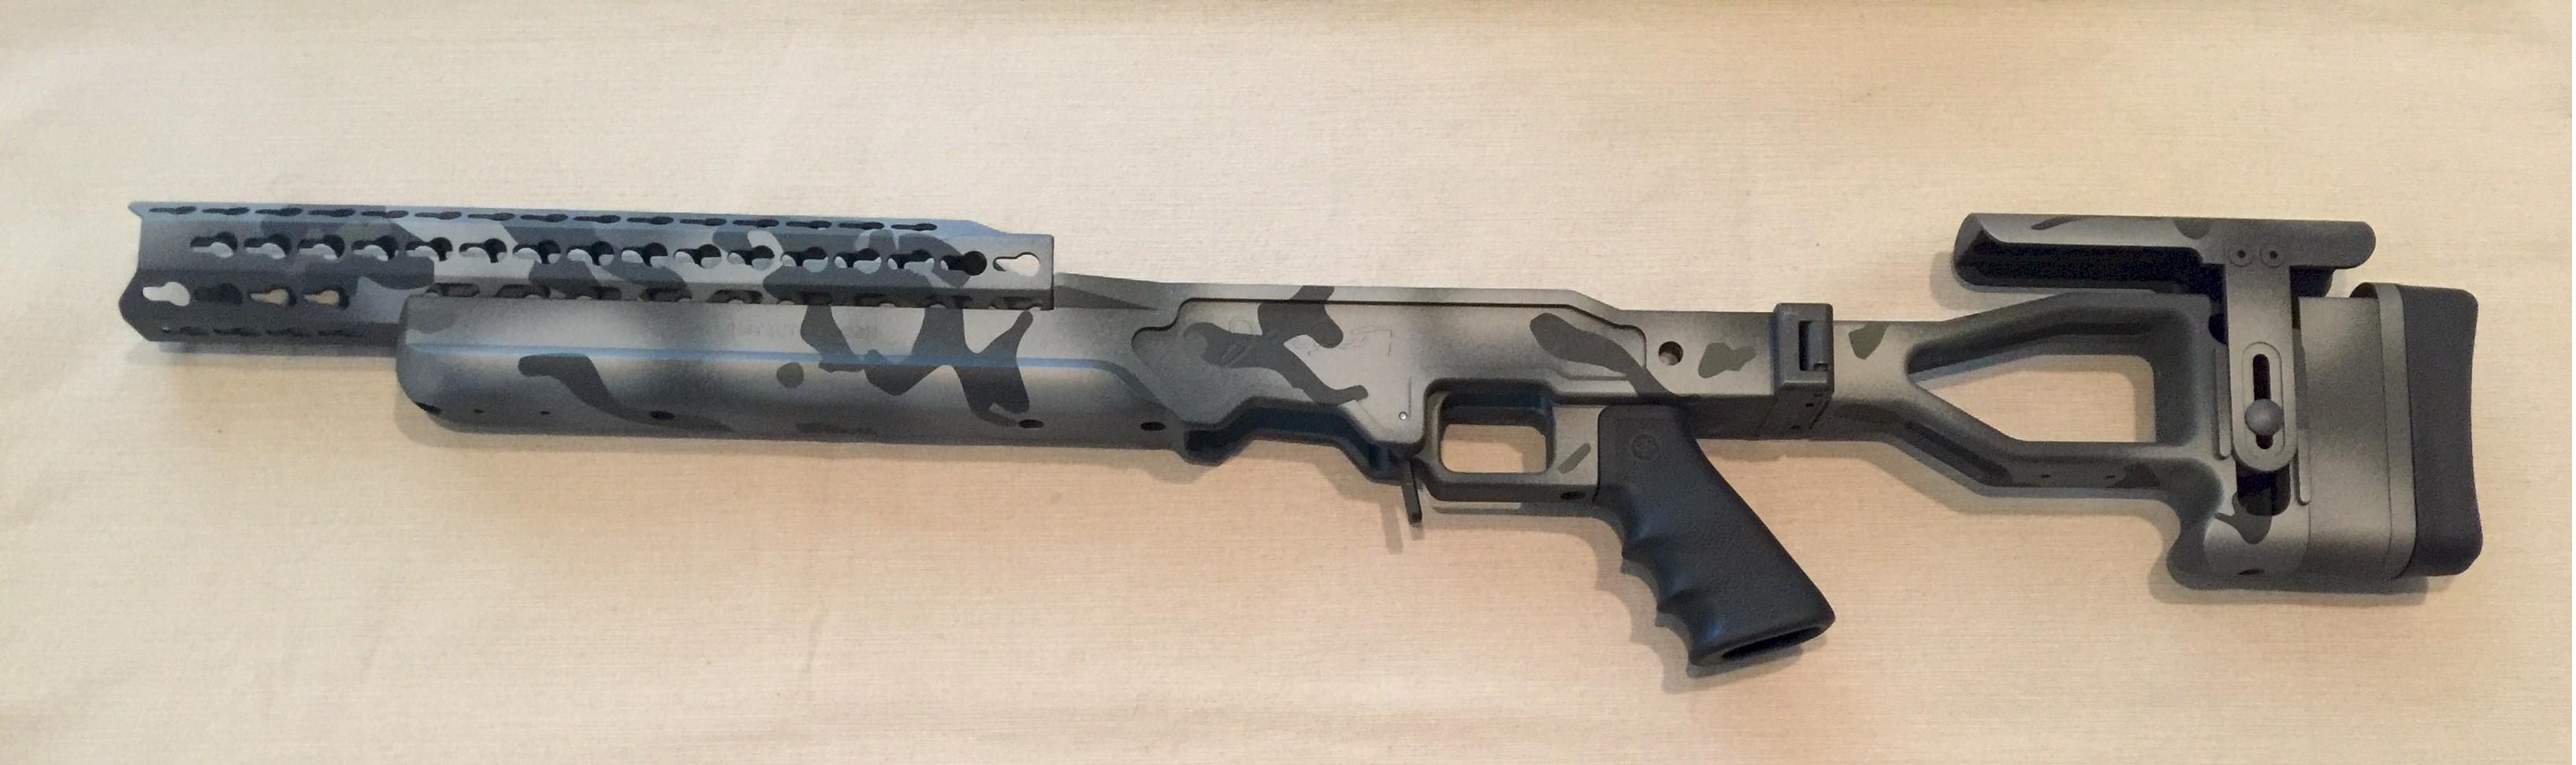 Remington 700 tactical stock options